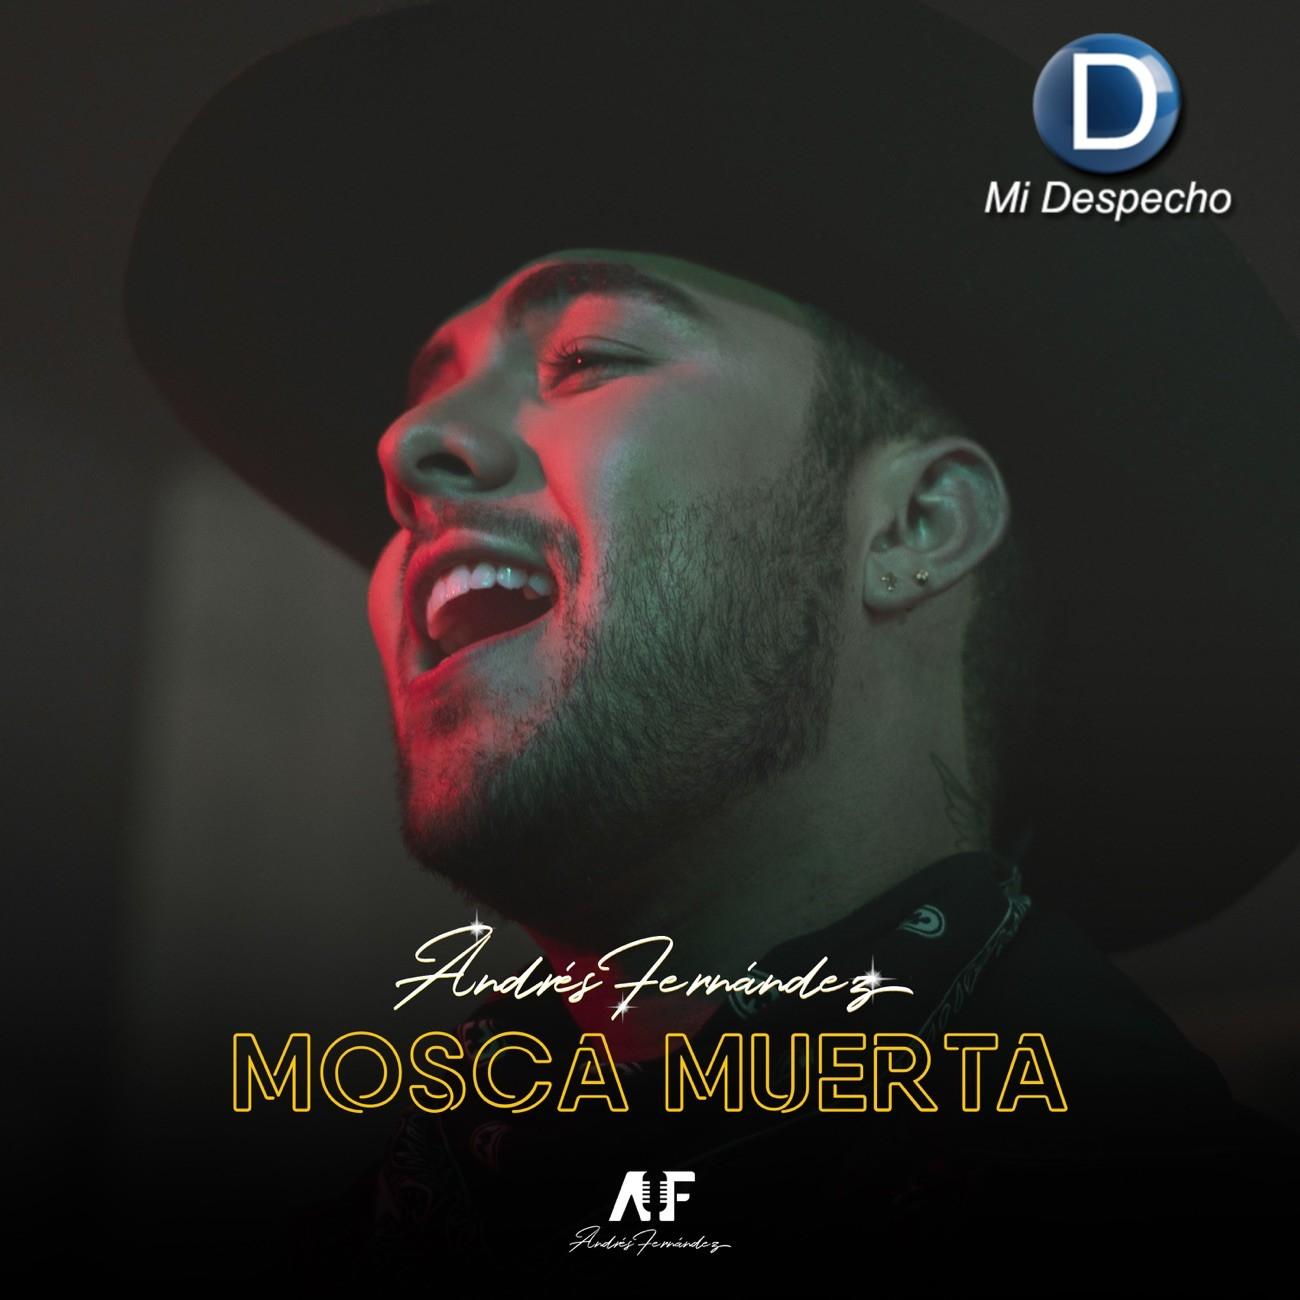 Andres Fernandez Mosca Muerta